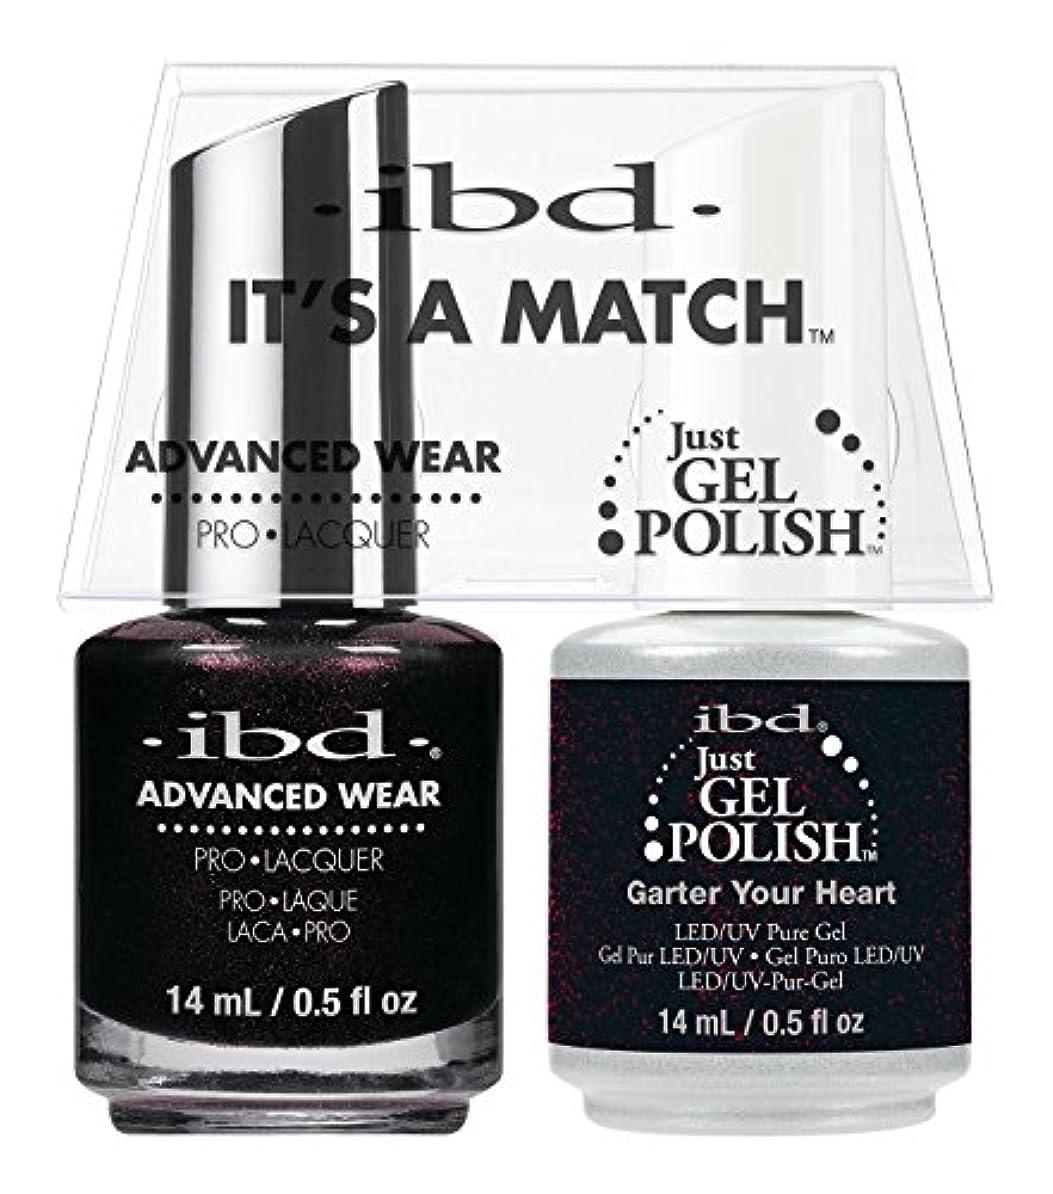 ibd - It's A Match -Duo Pack- Garter Your Heart - 14 mL / 0.5 oz Each